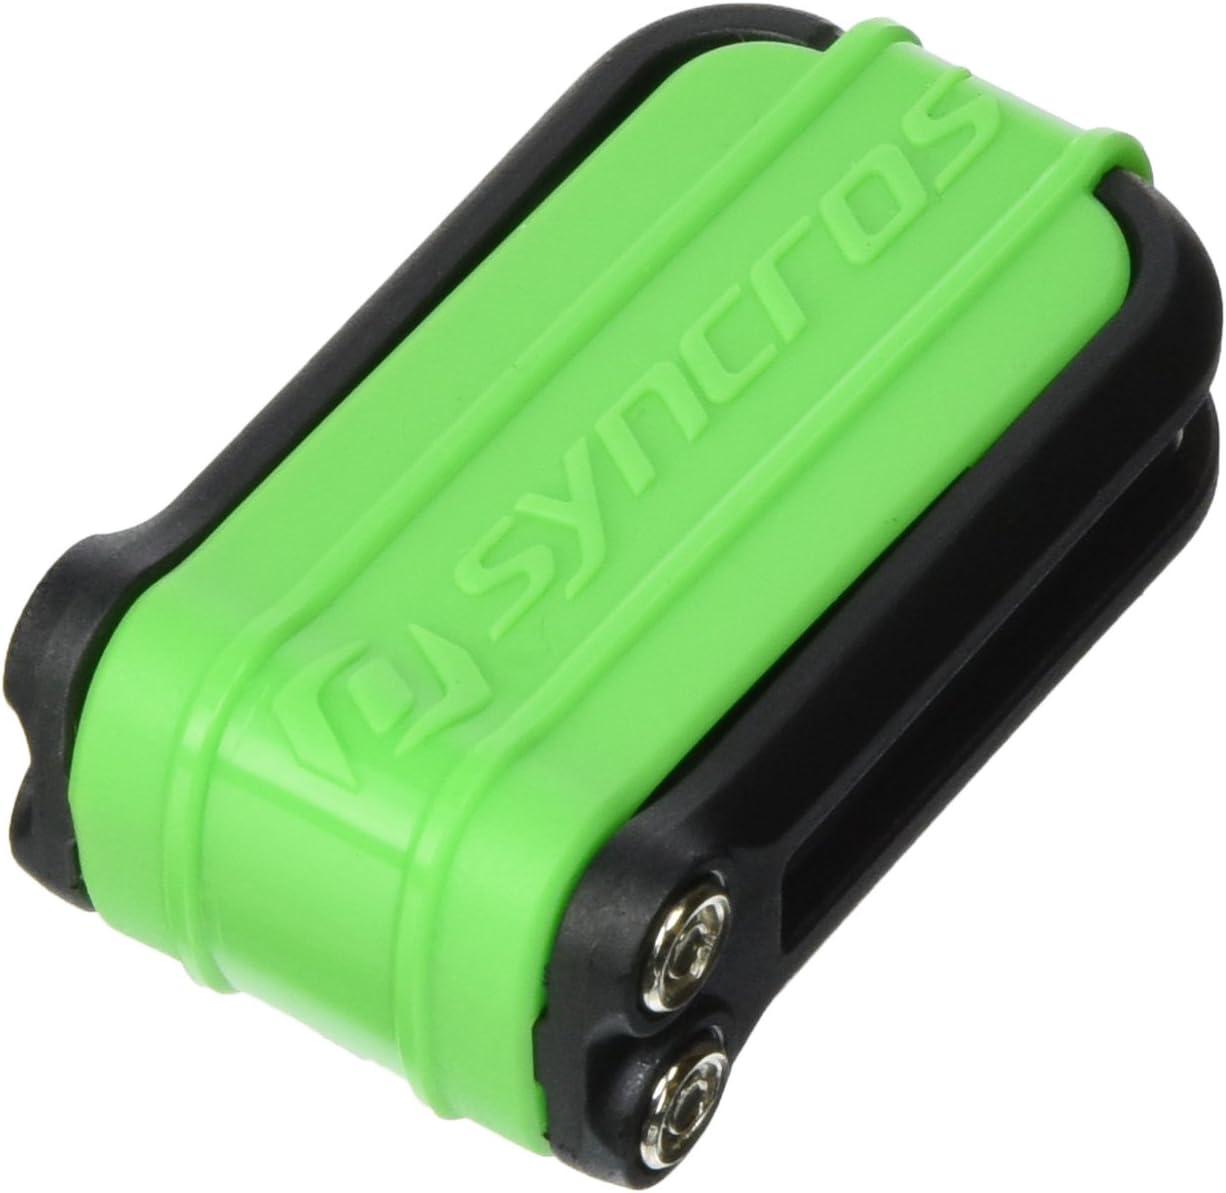 Syncros 234820 Matchbox 12 - Herramienta multiusos para bicicleta, color negro: Amazon.es: Deportes y aire libre